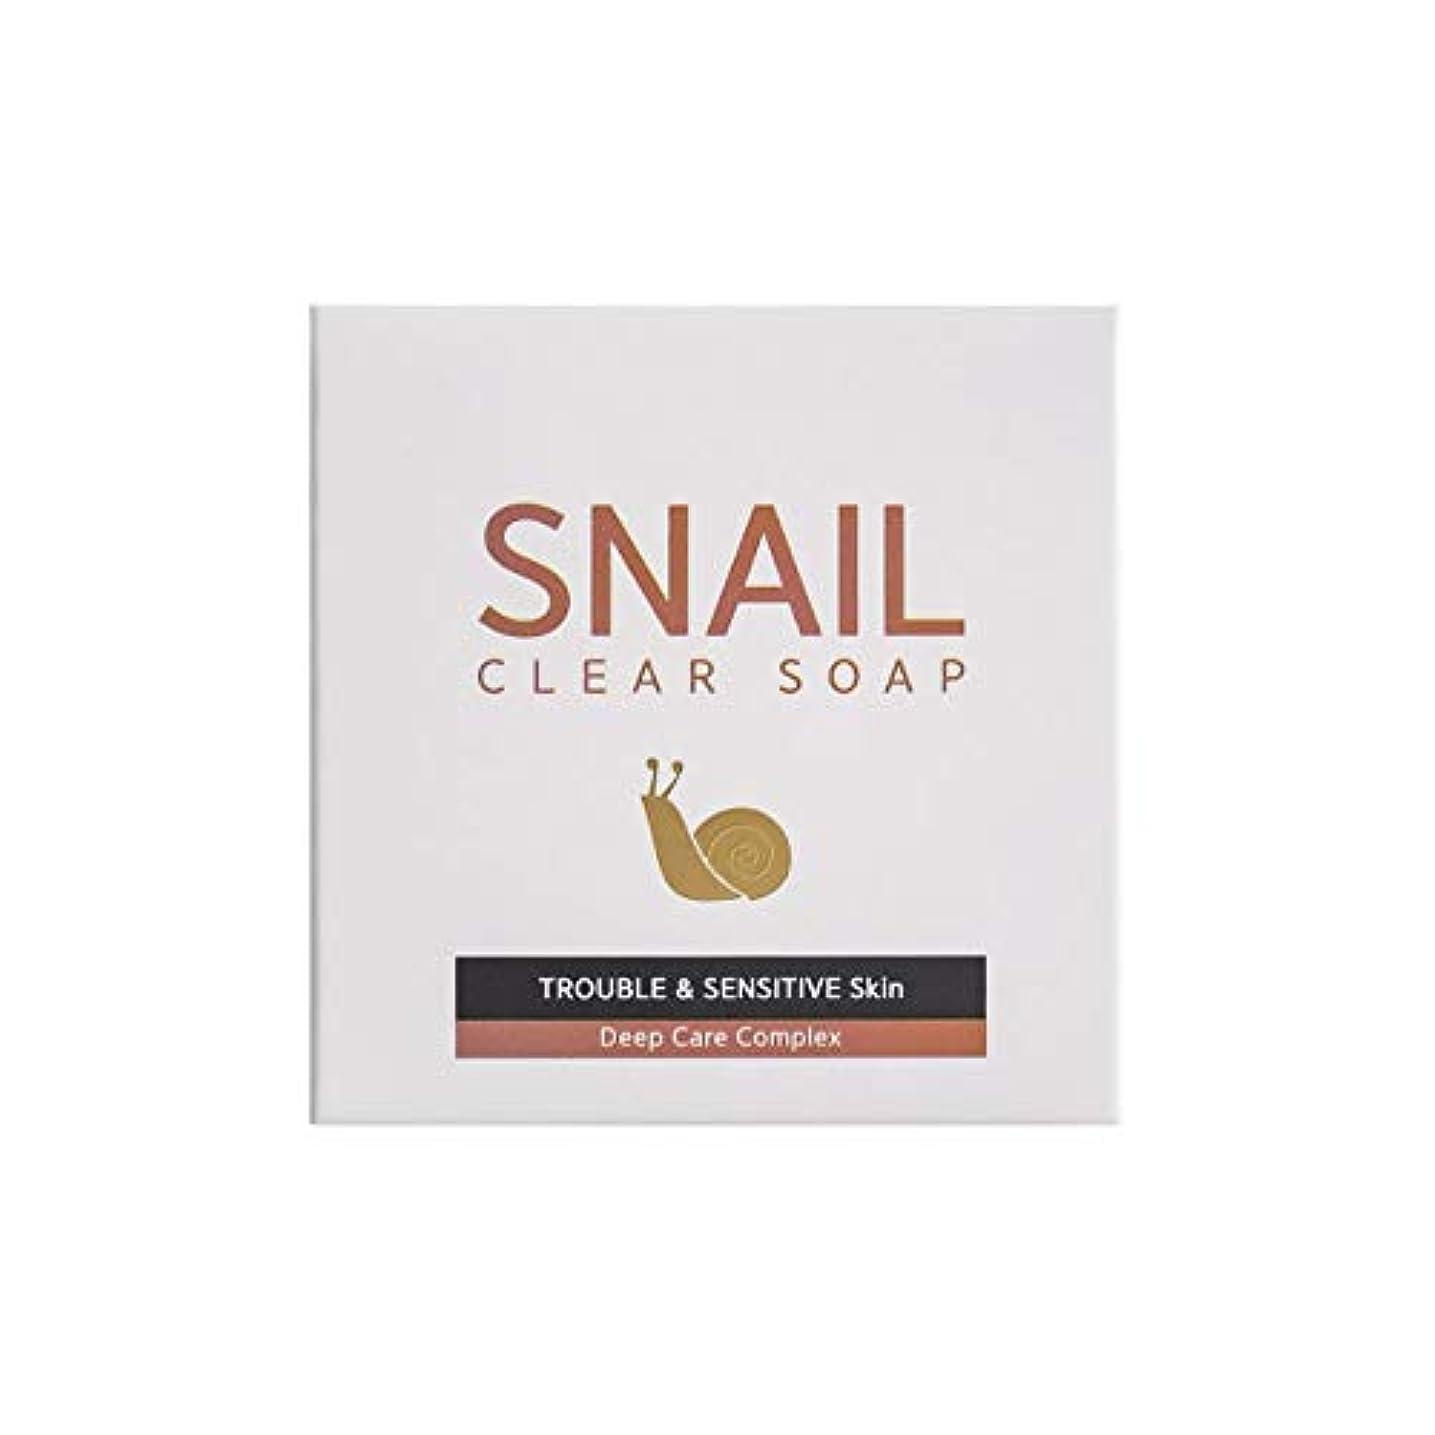 店主イヤホンレモン[RNT International] YUNE25 Snail Clear Soap クリア ソープ 固形 せっけん [並行輸入品]